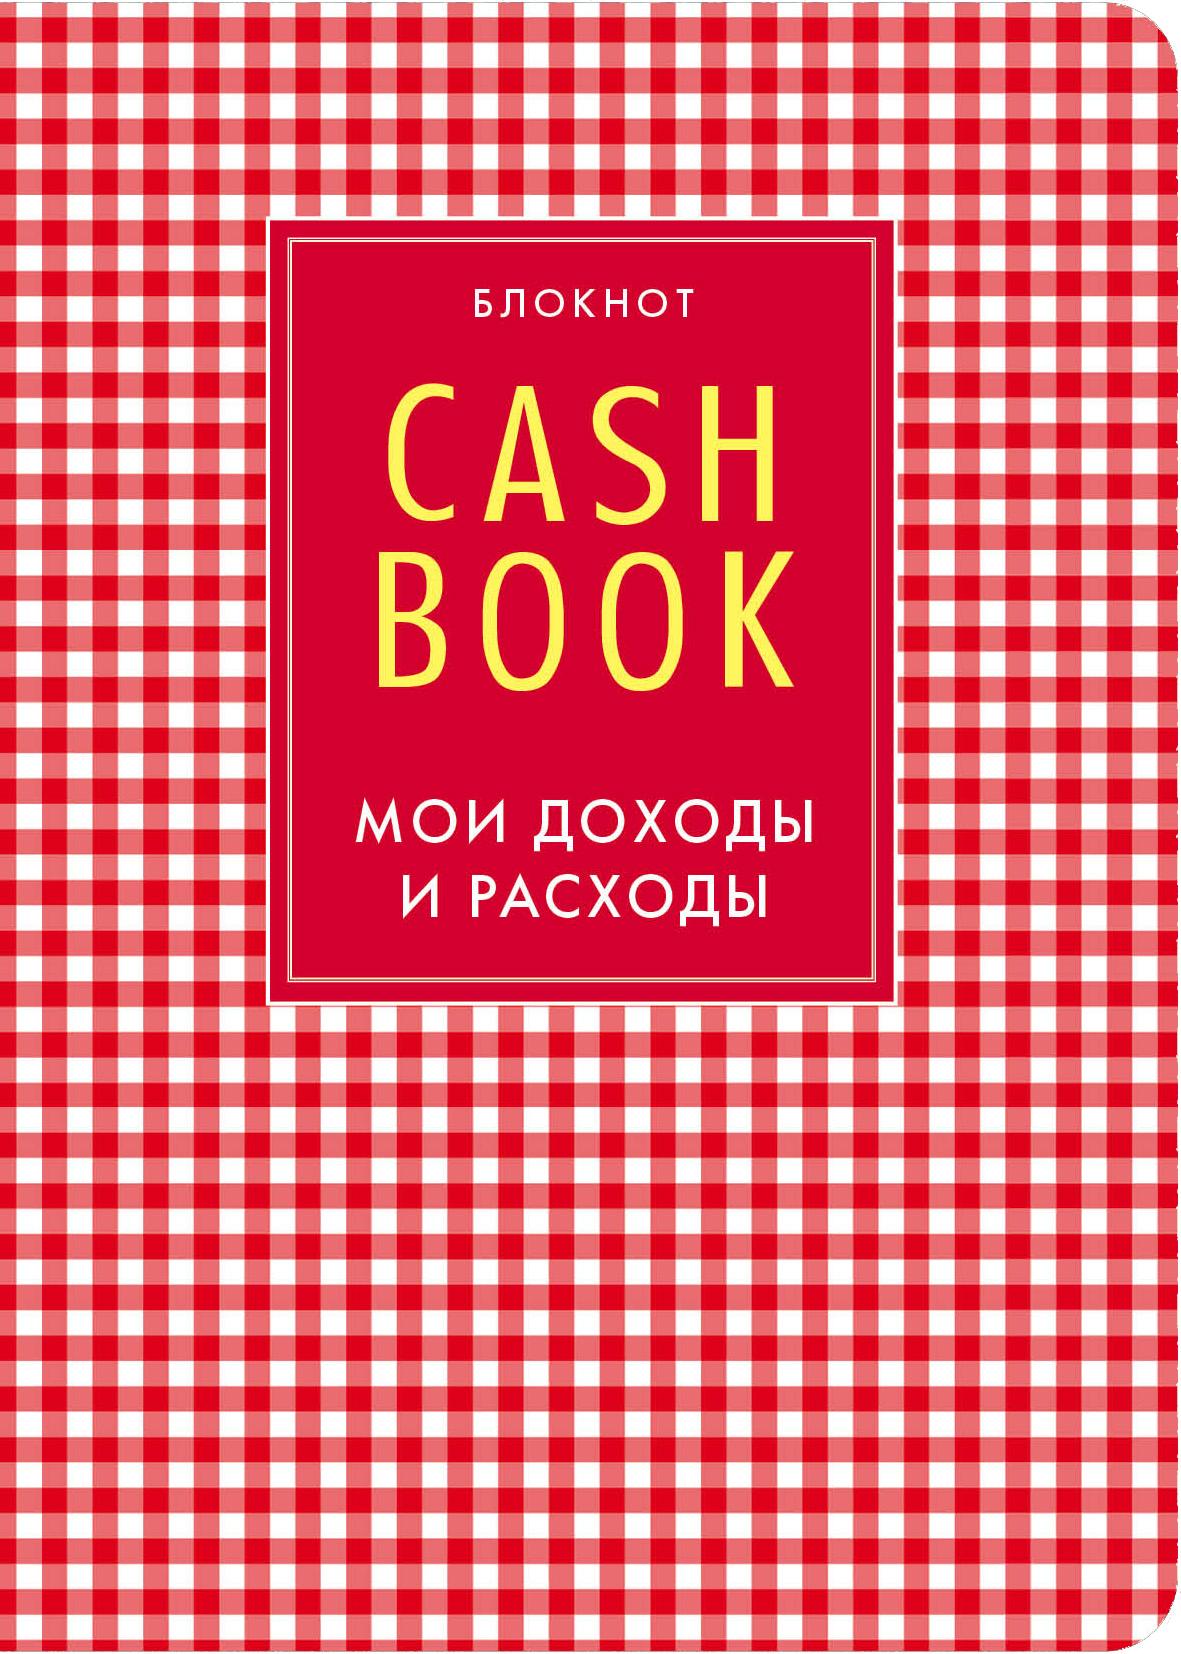 CashBook. Мои доходы и расходы. 4-е издание, 2-е оформление